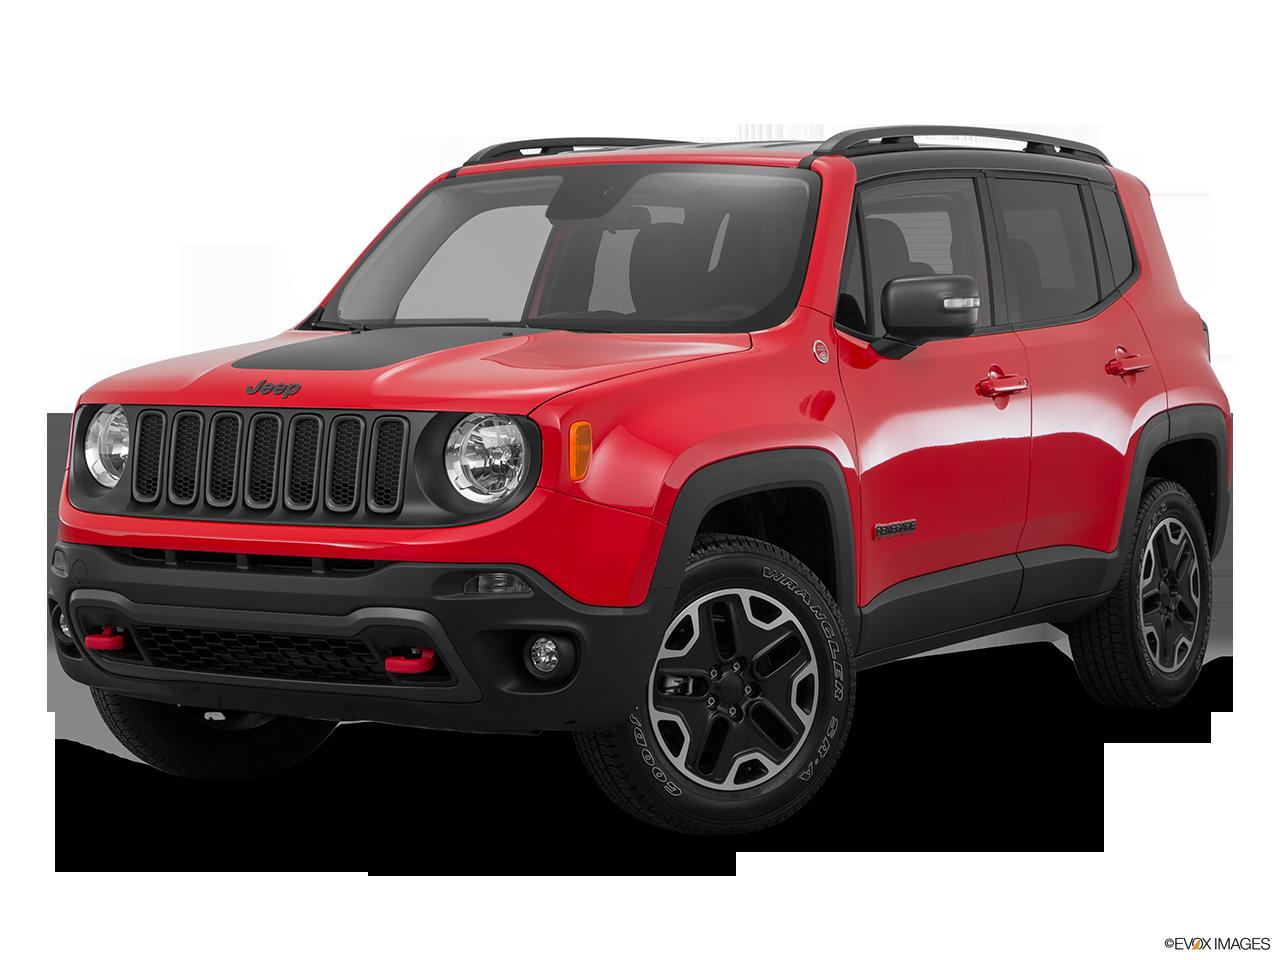 2016 jeep renegade dealer serving decatur jackson chrysler dodge jeep ram. Black Bedroom Furniture Sets. Home Design Ideas